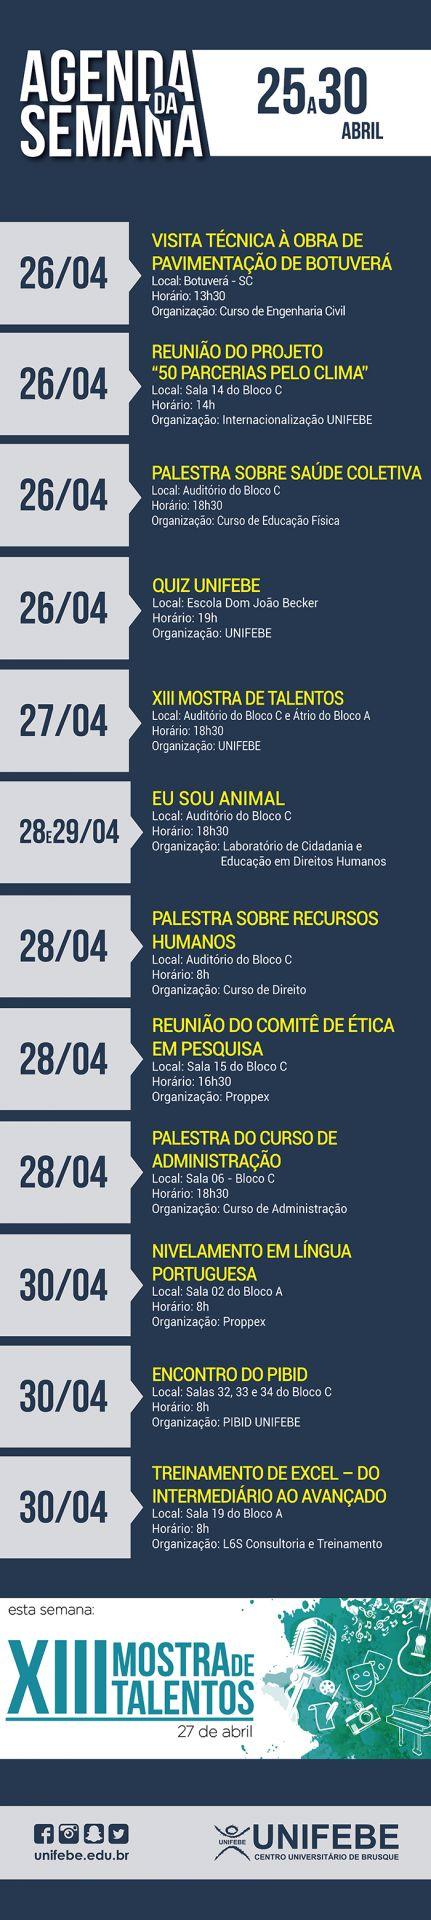 Agenda da Semana – De 25 a 30 de abril